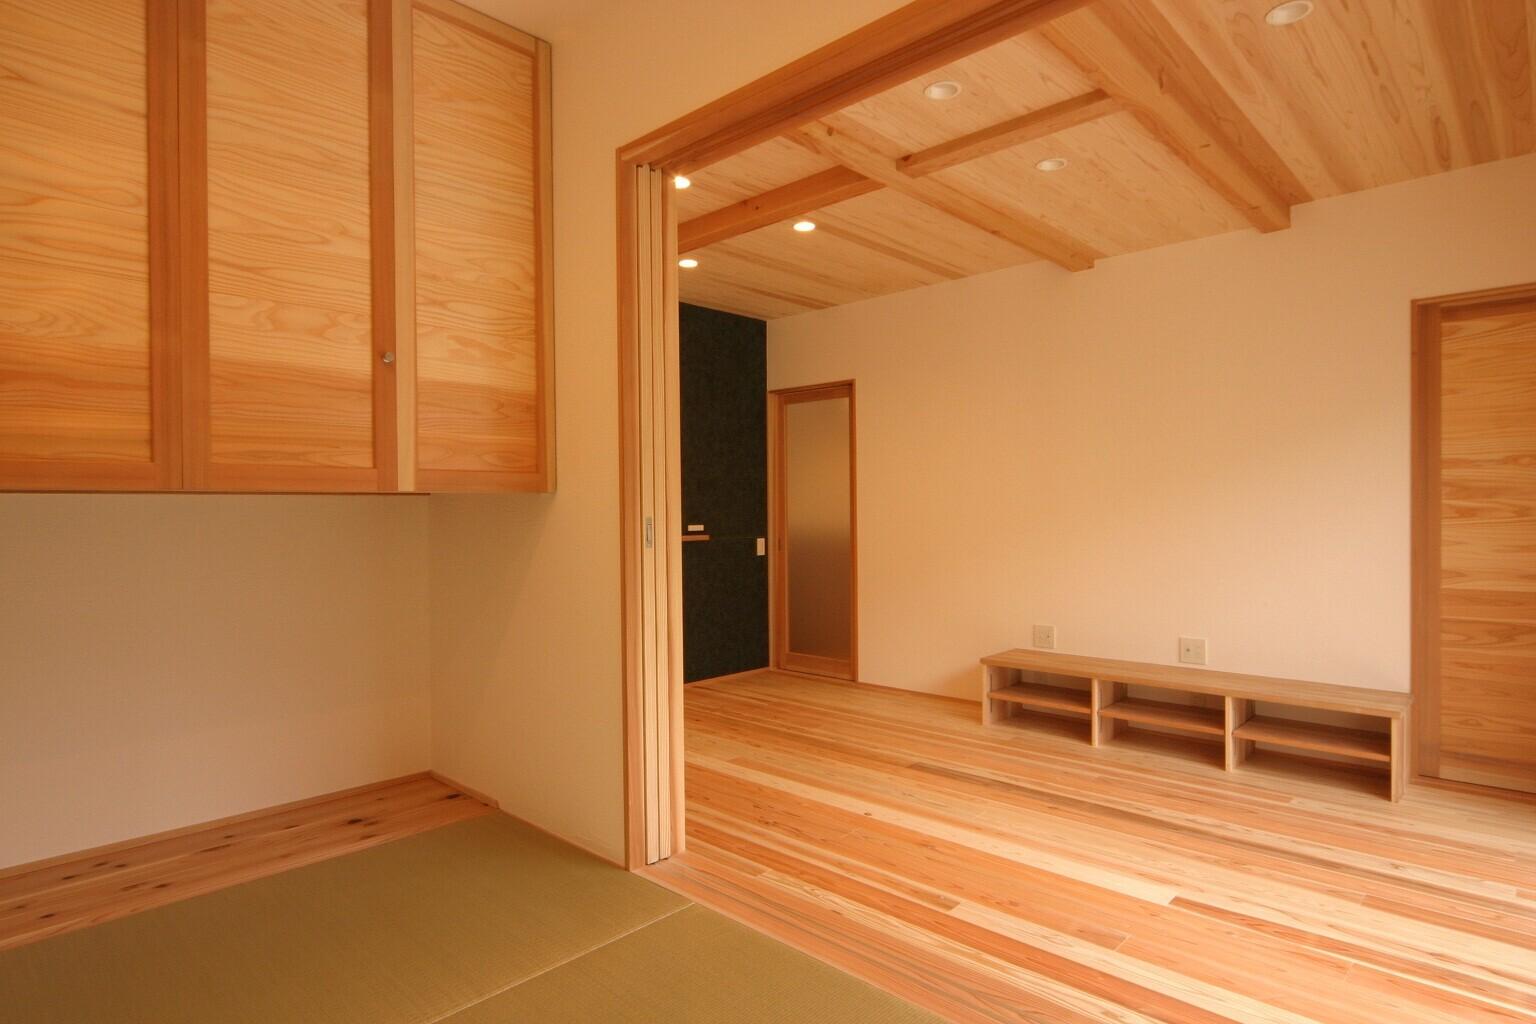 どこにいても、その空間ならではの楽しさ、快適さを満喫できる家の建築事例写真